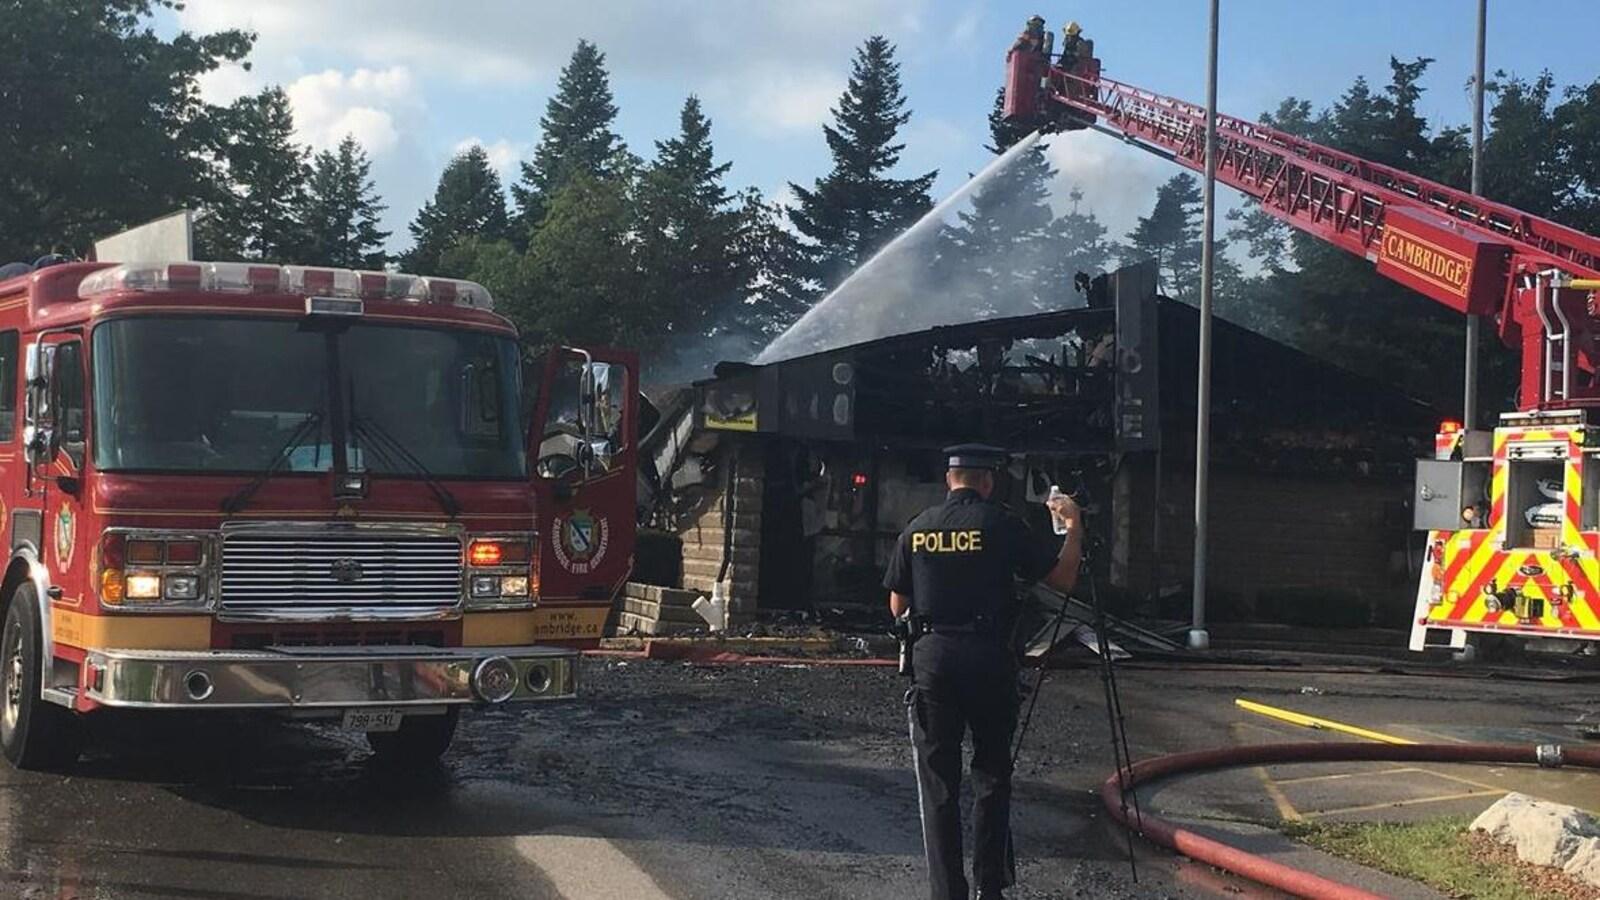 Un camion de pompier arrose les décombres calcinés d'un édifice. On aperçoit un policier à l'avant.